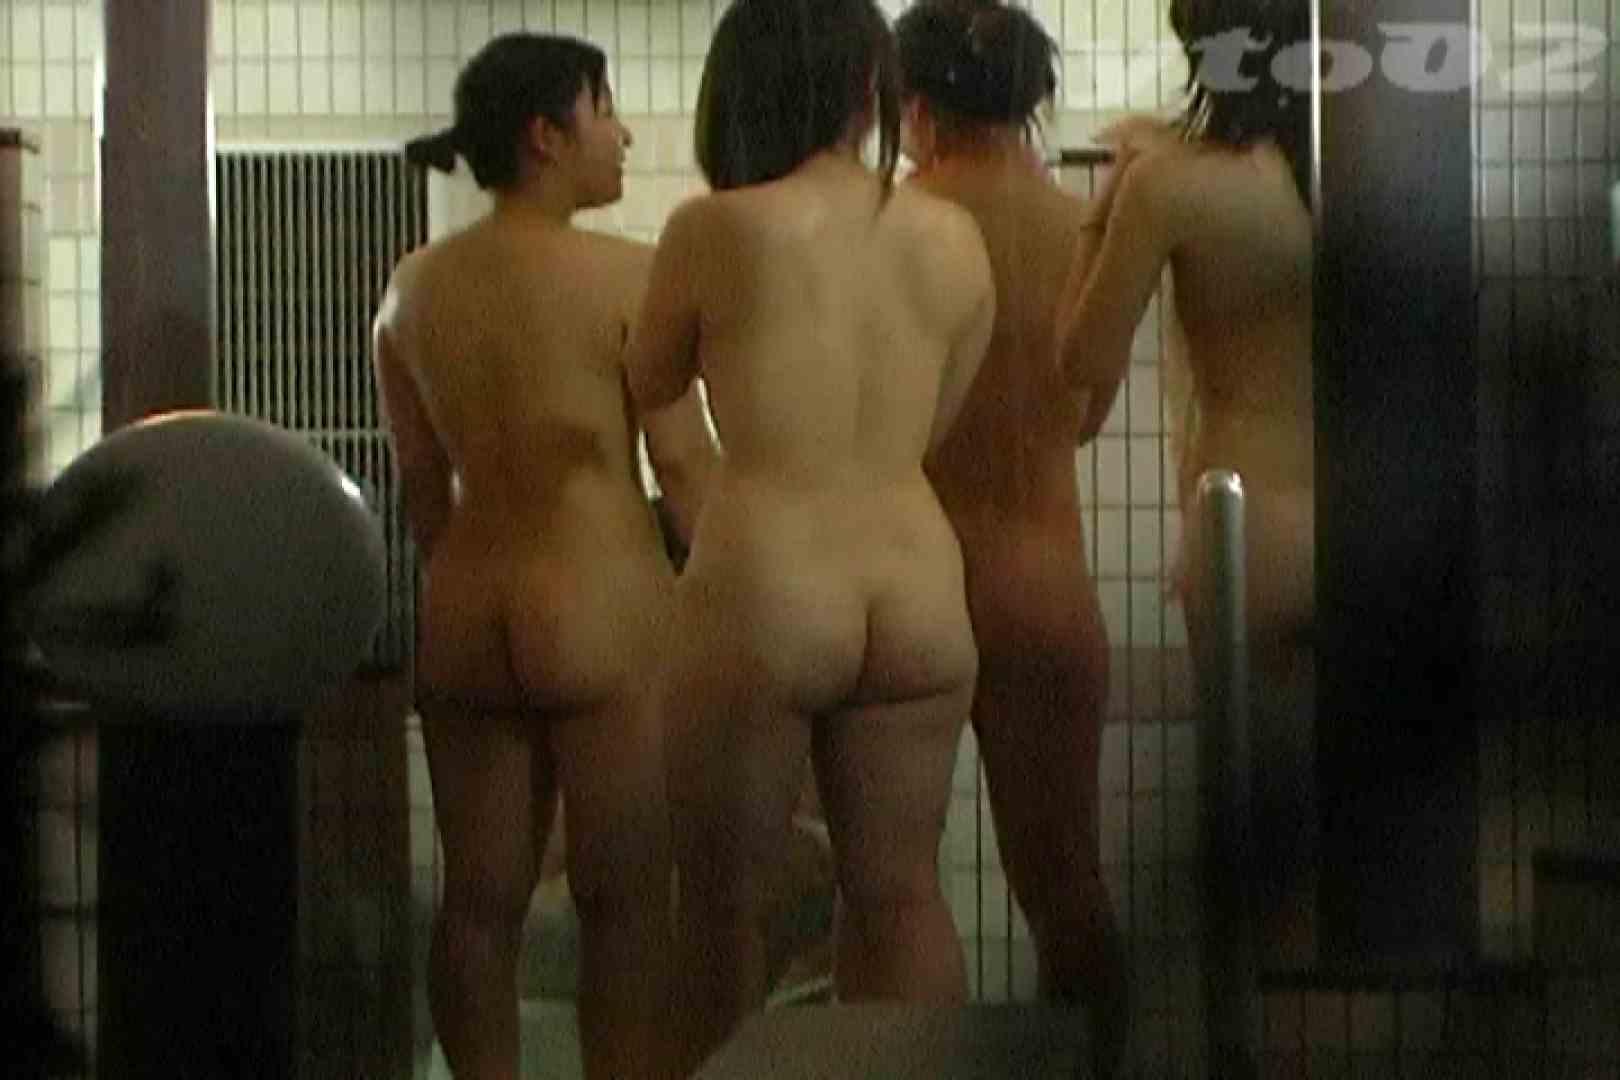 ▲復活限定▲合宿ホテル女風呂盗撮 Vol.12 盗撮編 セックス画像 103枚 4